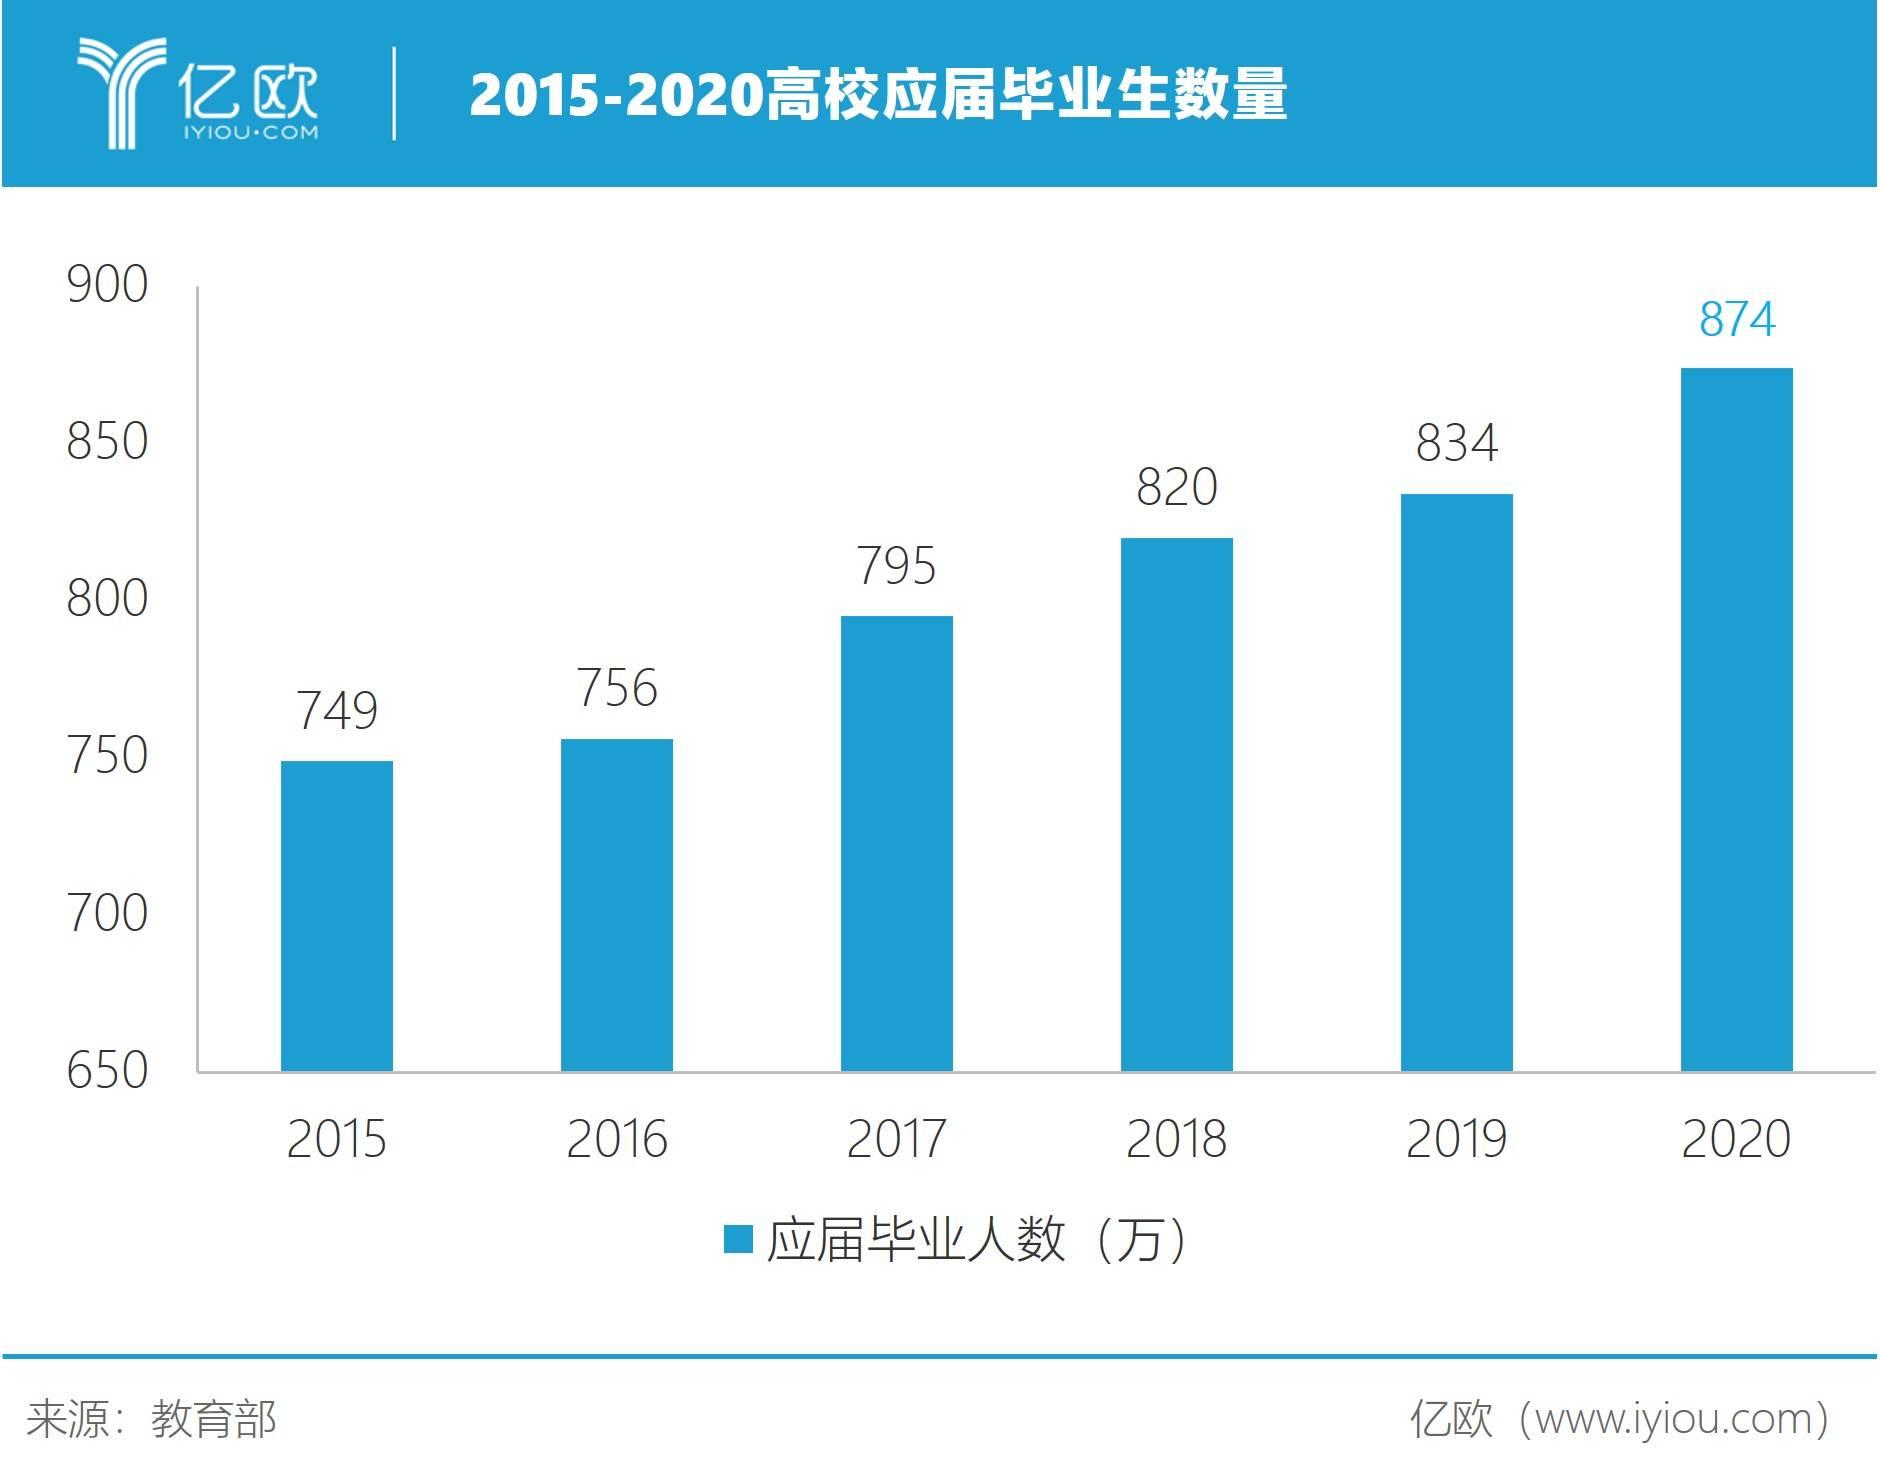 2015-2020高校答届卒业生数目